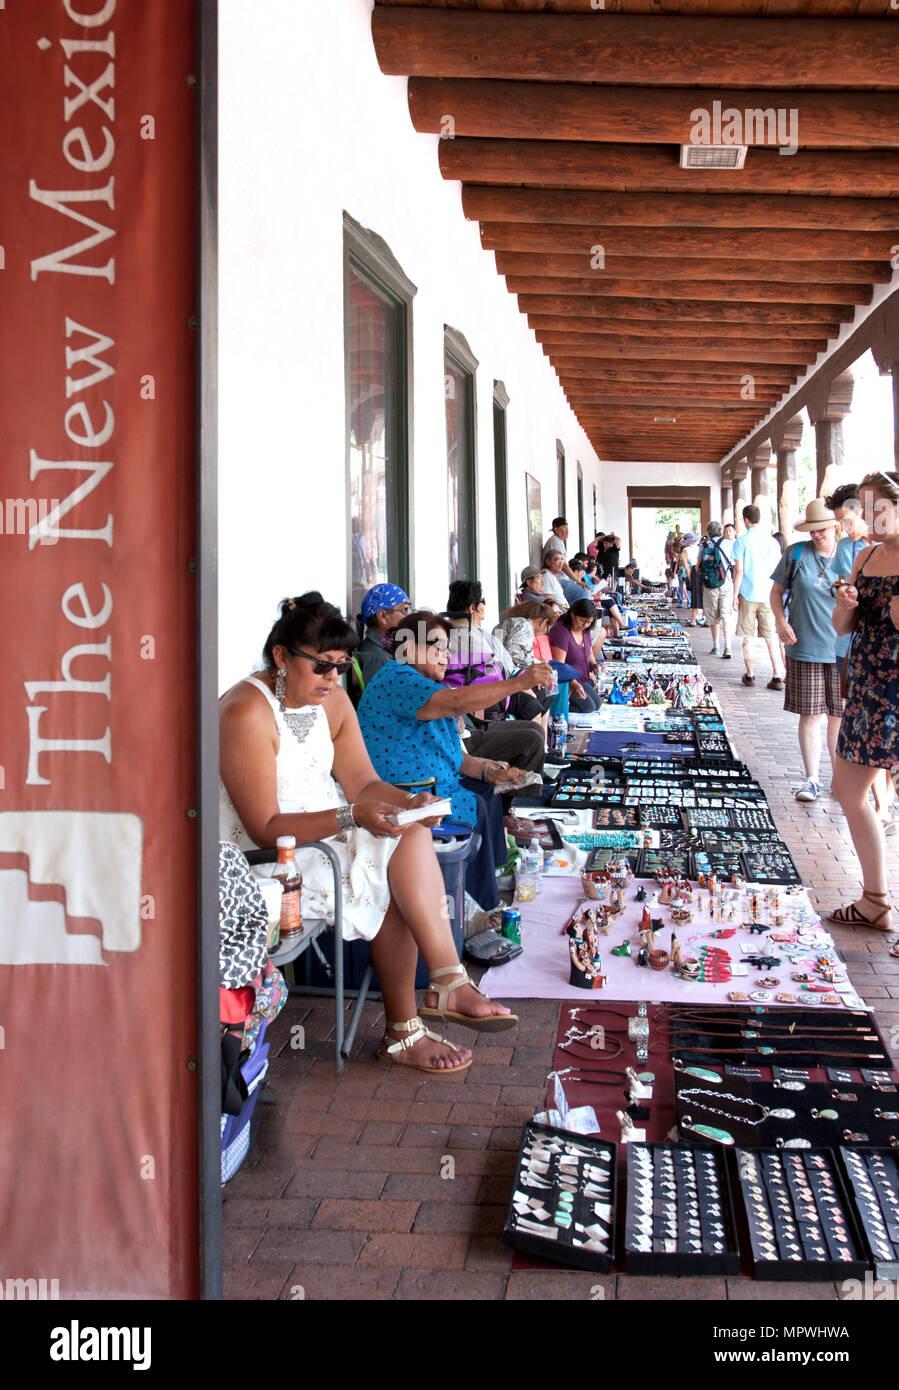 Mercado de joyería india tiene lugar casi todos los días en el portal del norte del Palacio de los Gobernadores en la plaza histórica de Santa Fe Imagen De Stock